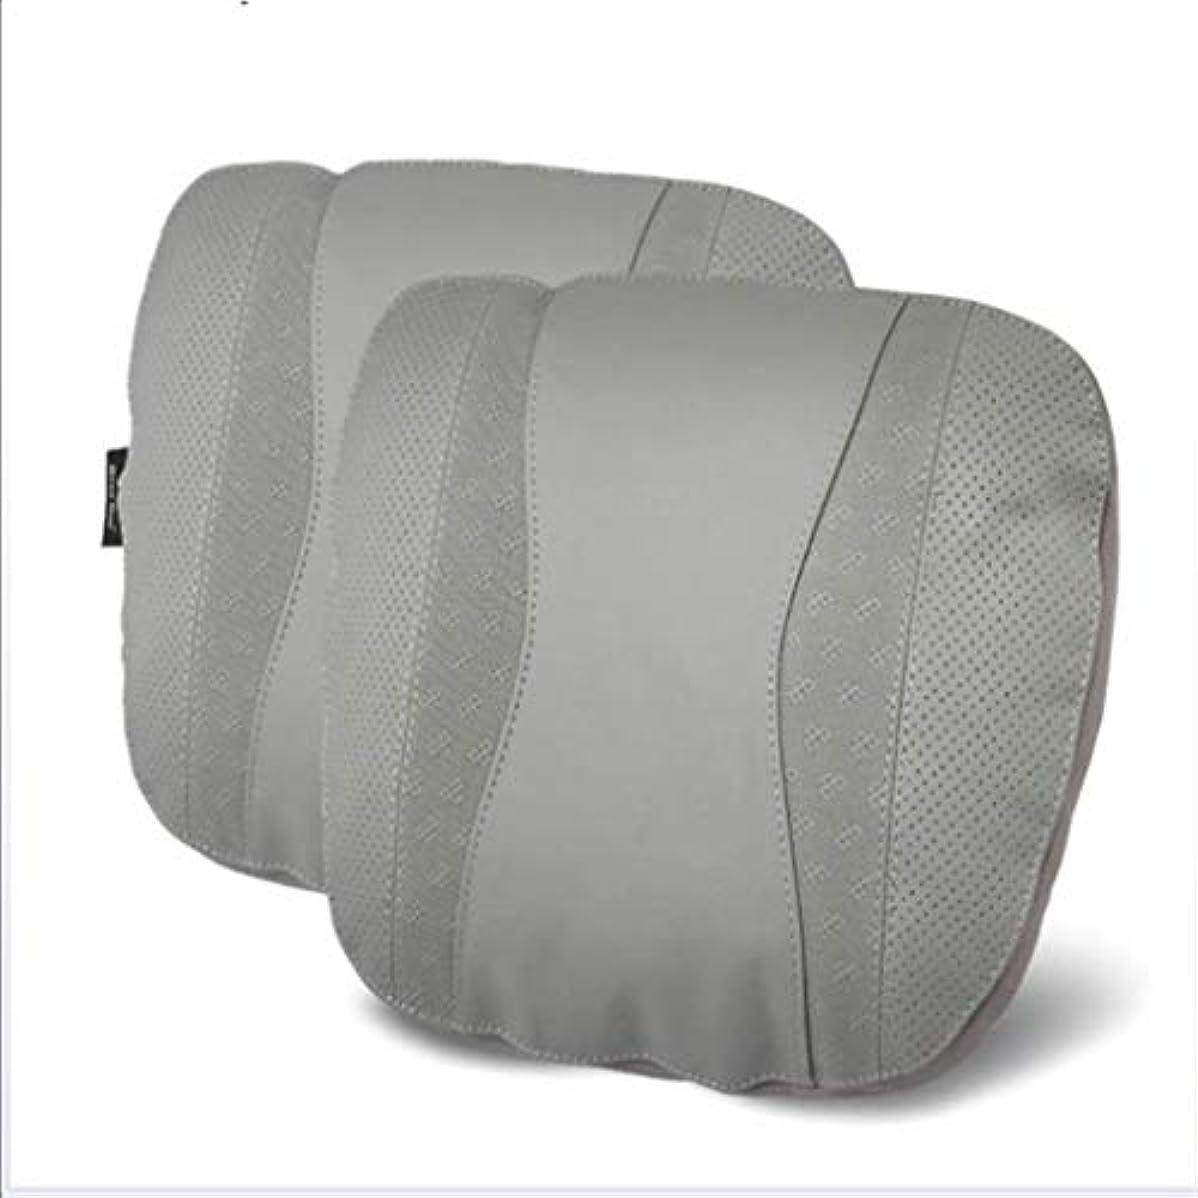 外観晩餐神経障害ネックピロー、カーシートネックピロー、トラベルピローネックパッド、カーネックピローサポートピローとして使用、航空機のネックピロー、首の疲れを和らげる (Color : Gray)